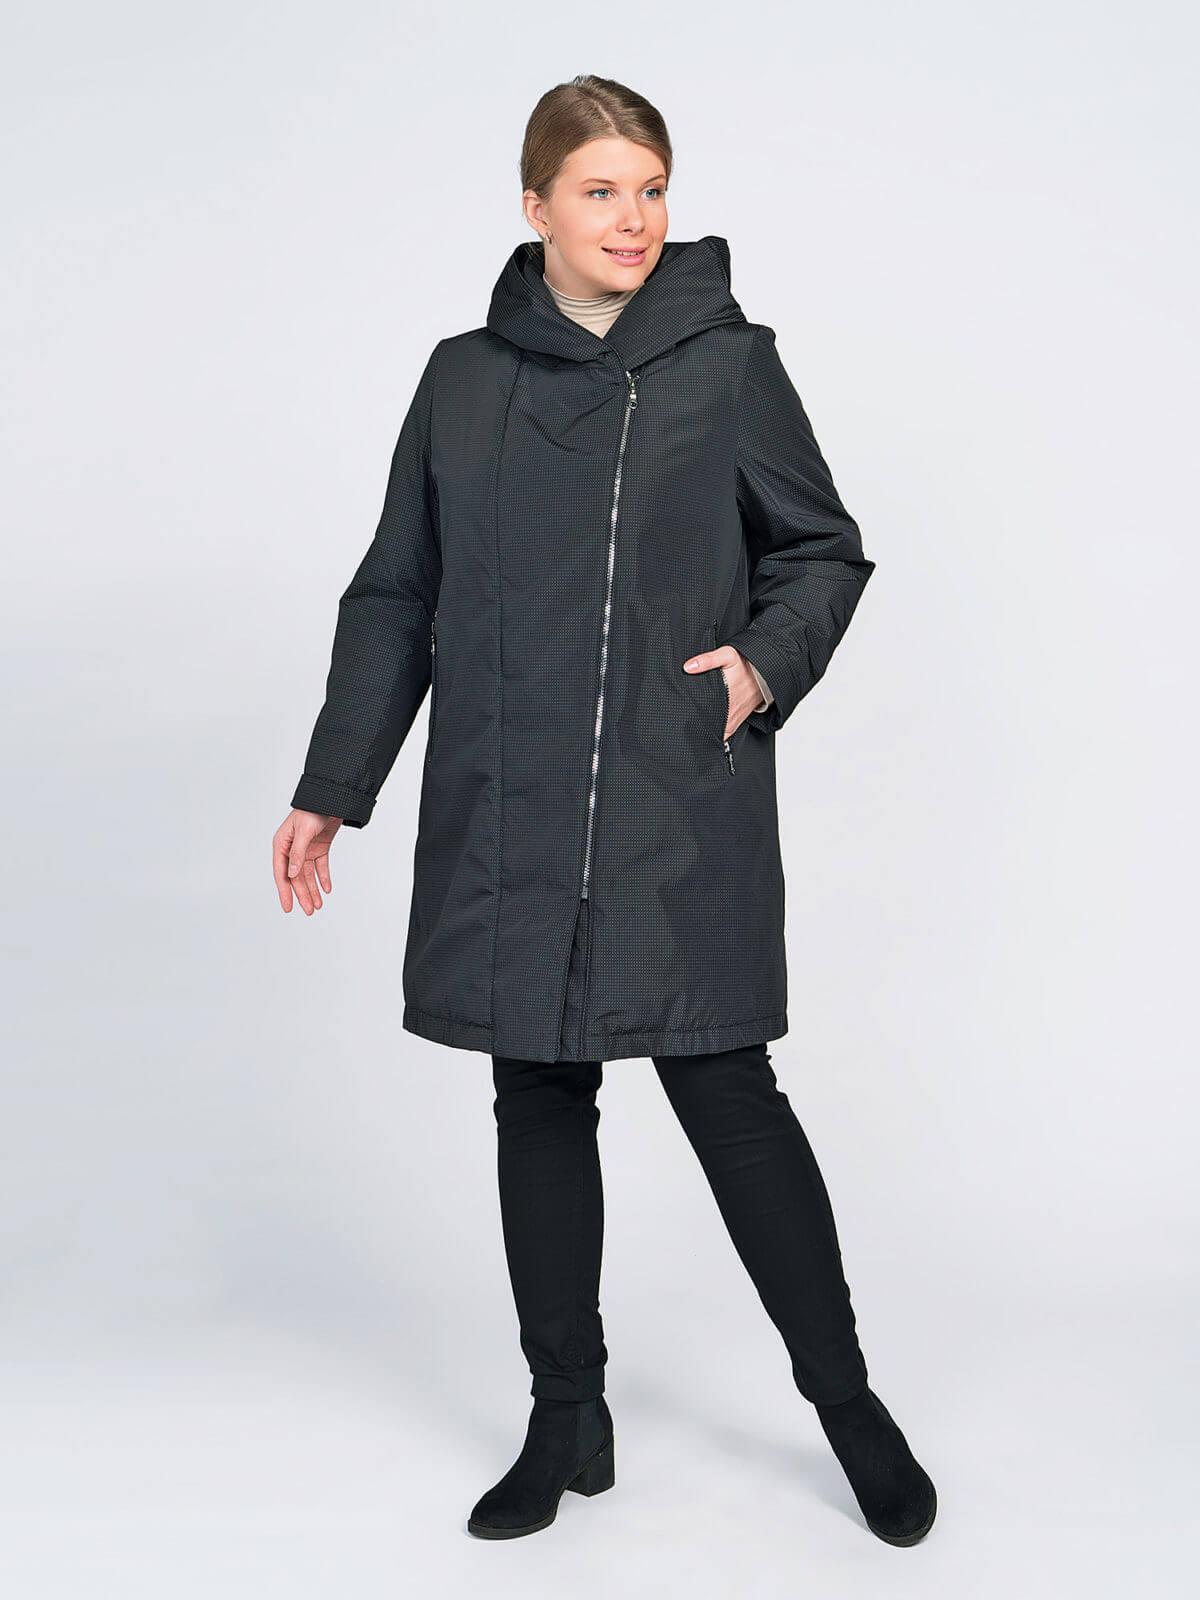 DIXI COAT. Осень/зима 2017/2018. Модель 5715-322